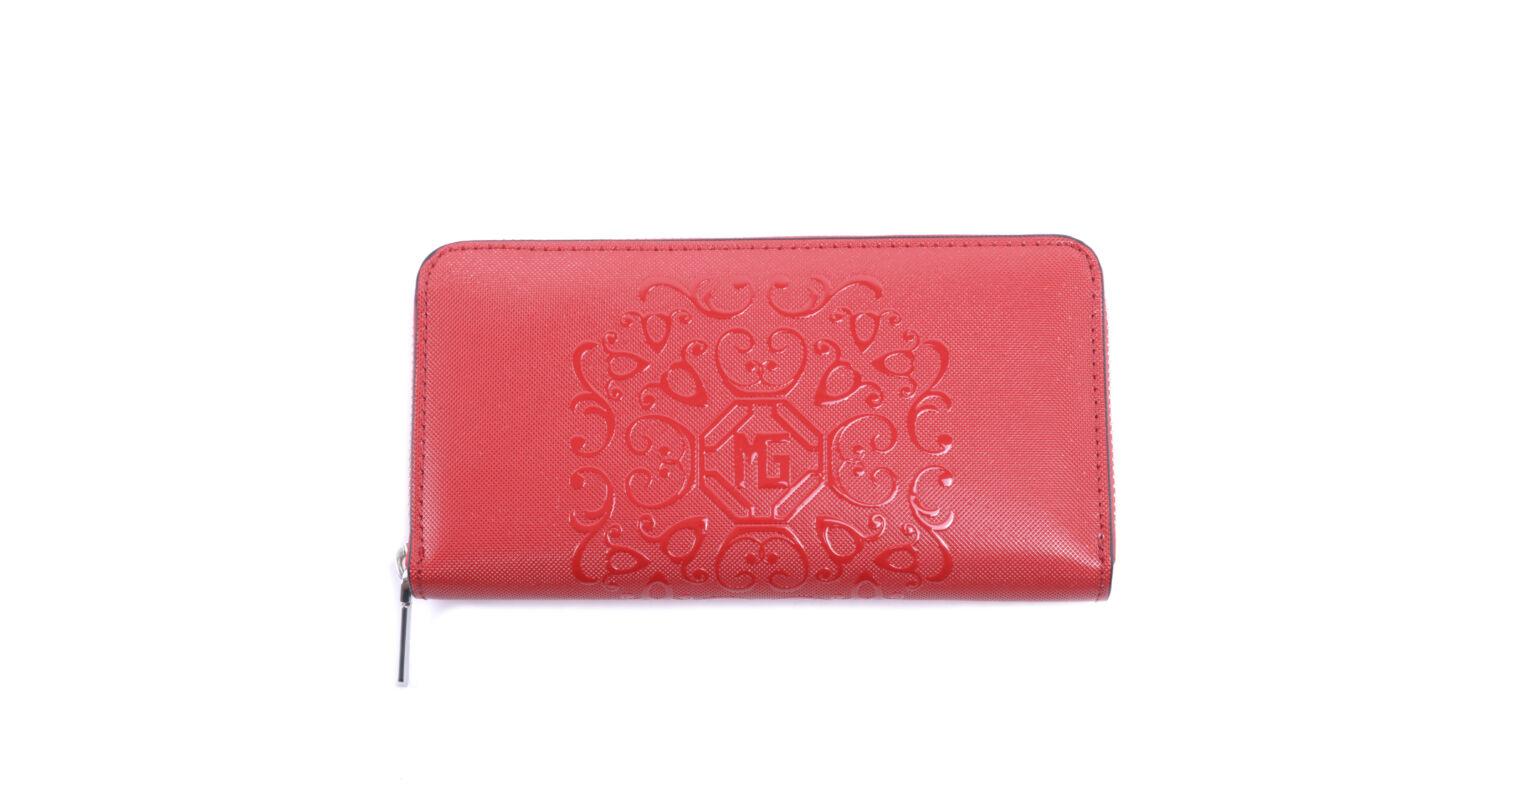 9a4e86caf8f9 Marina Galanti Piros Női Műbőr Pénztárca - NŐI PÉNZTÁRCÁK - Táska webáruház  - Minőségi táskák mindenkinek